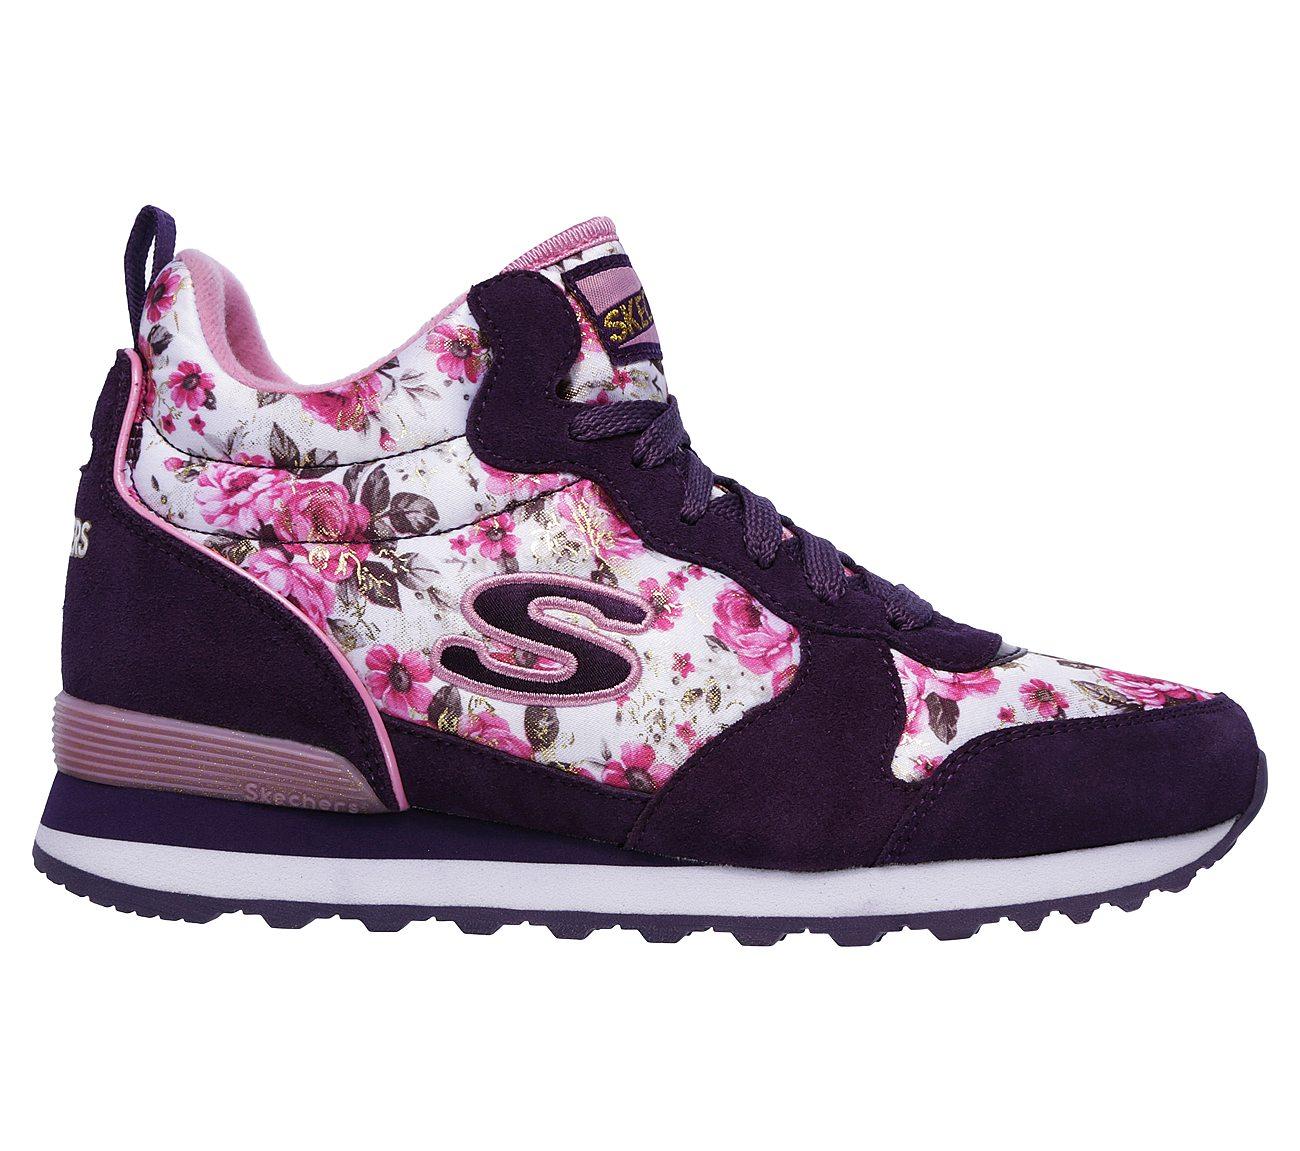 Skechers Shoes  Skechers Originals OG85 Womens Sports Shoes GreyPink